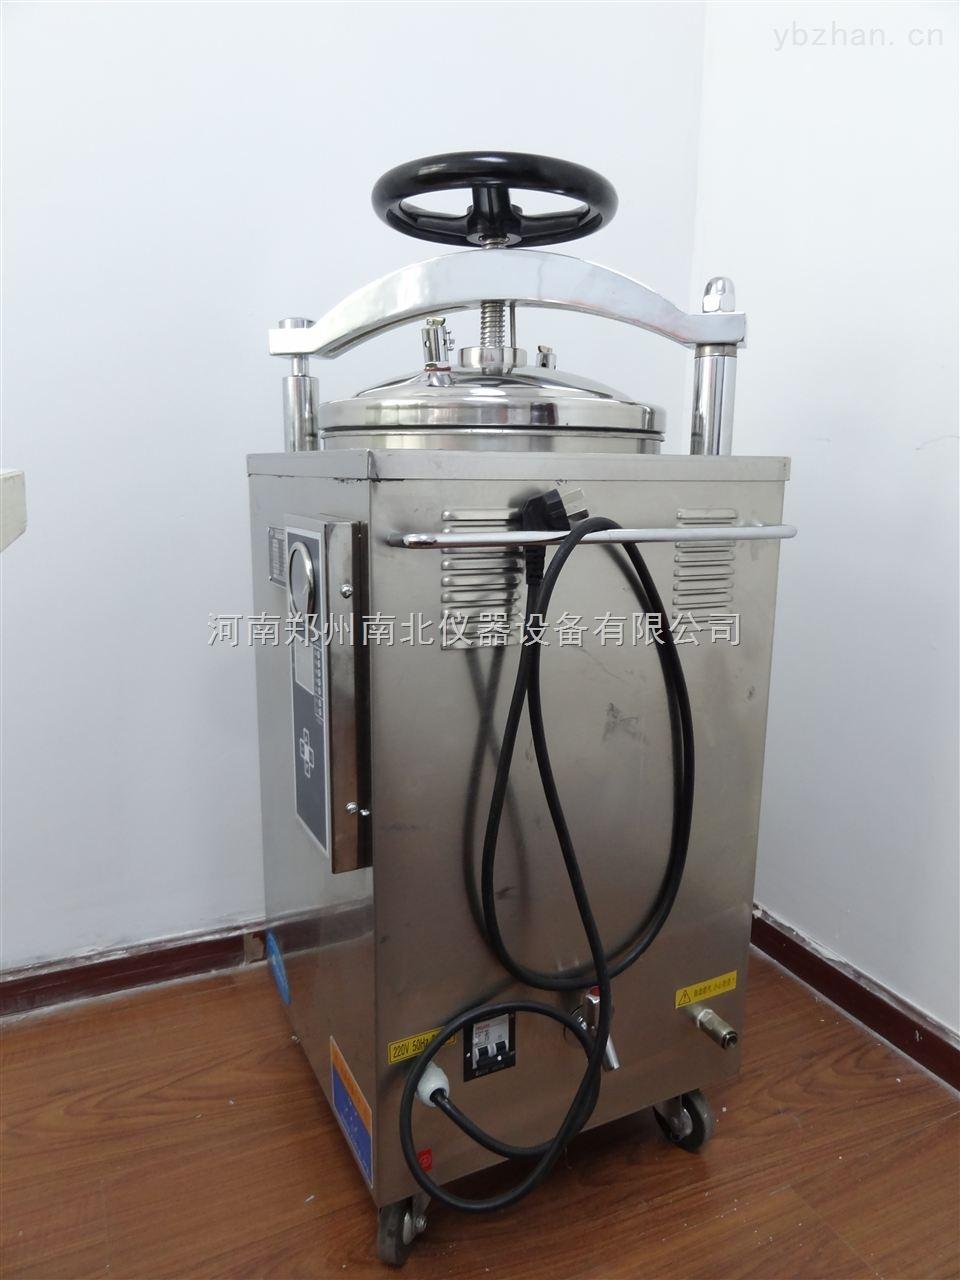 快速卡式蒸汽灭菌器